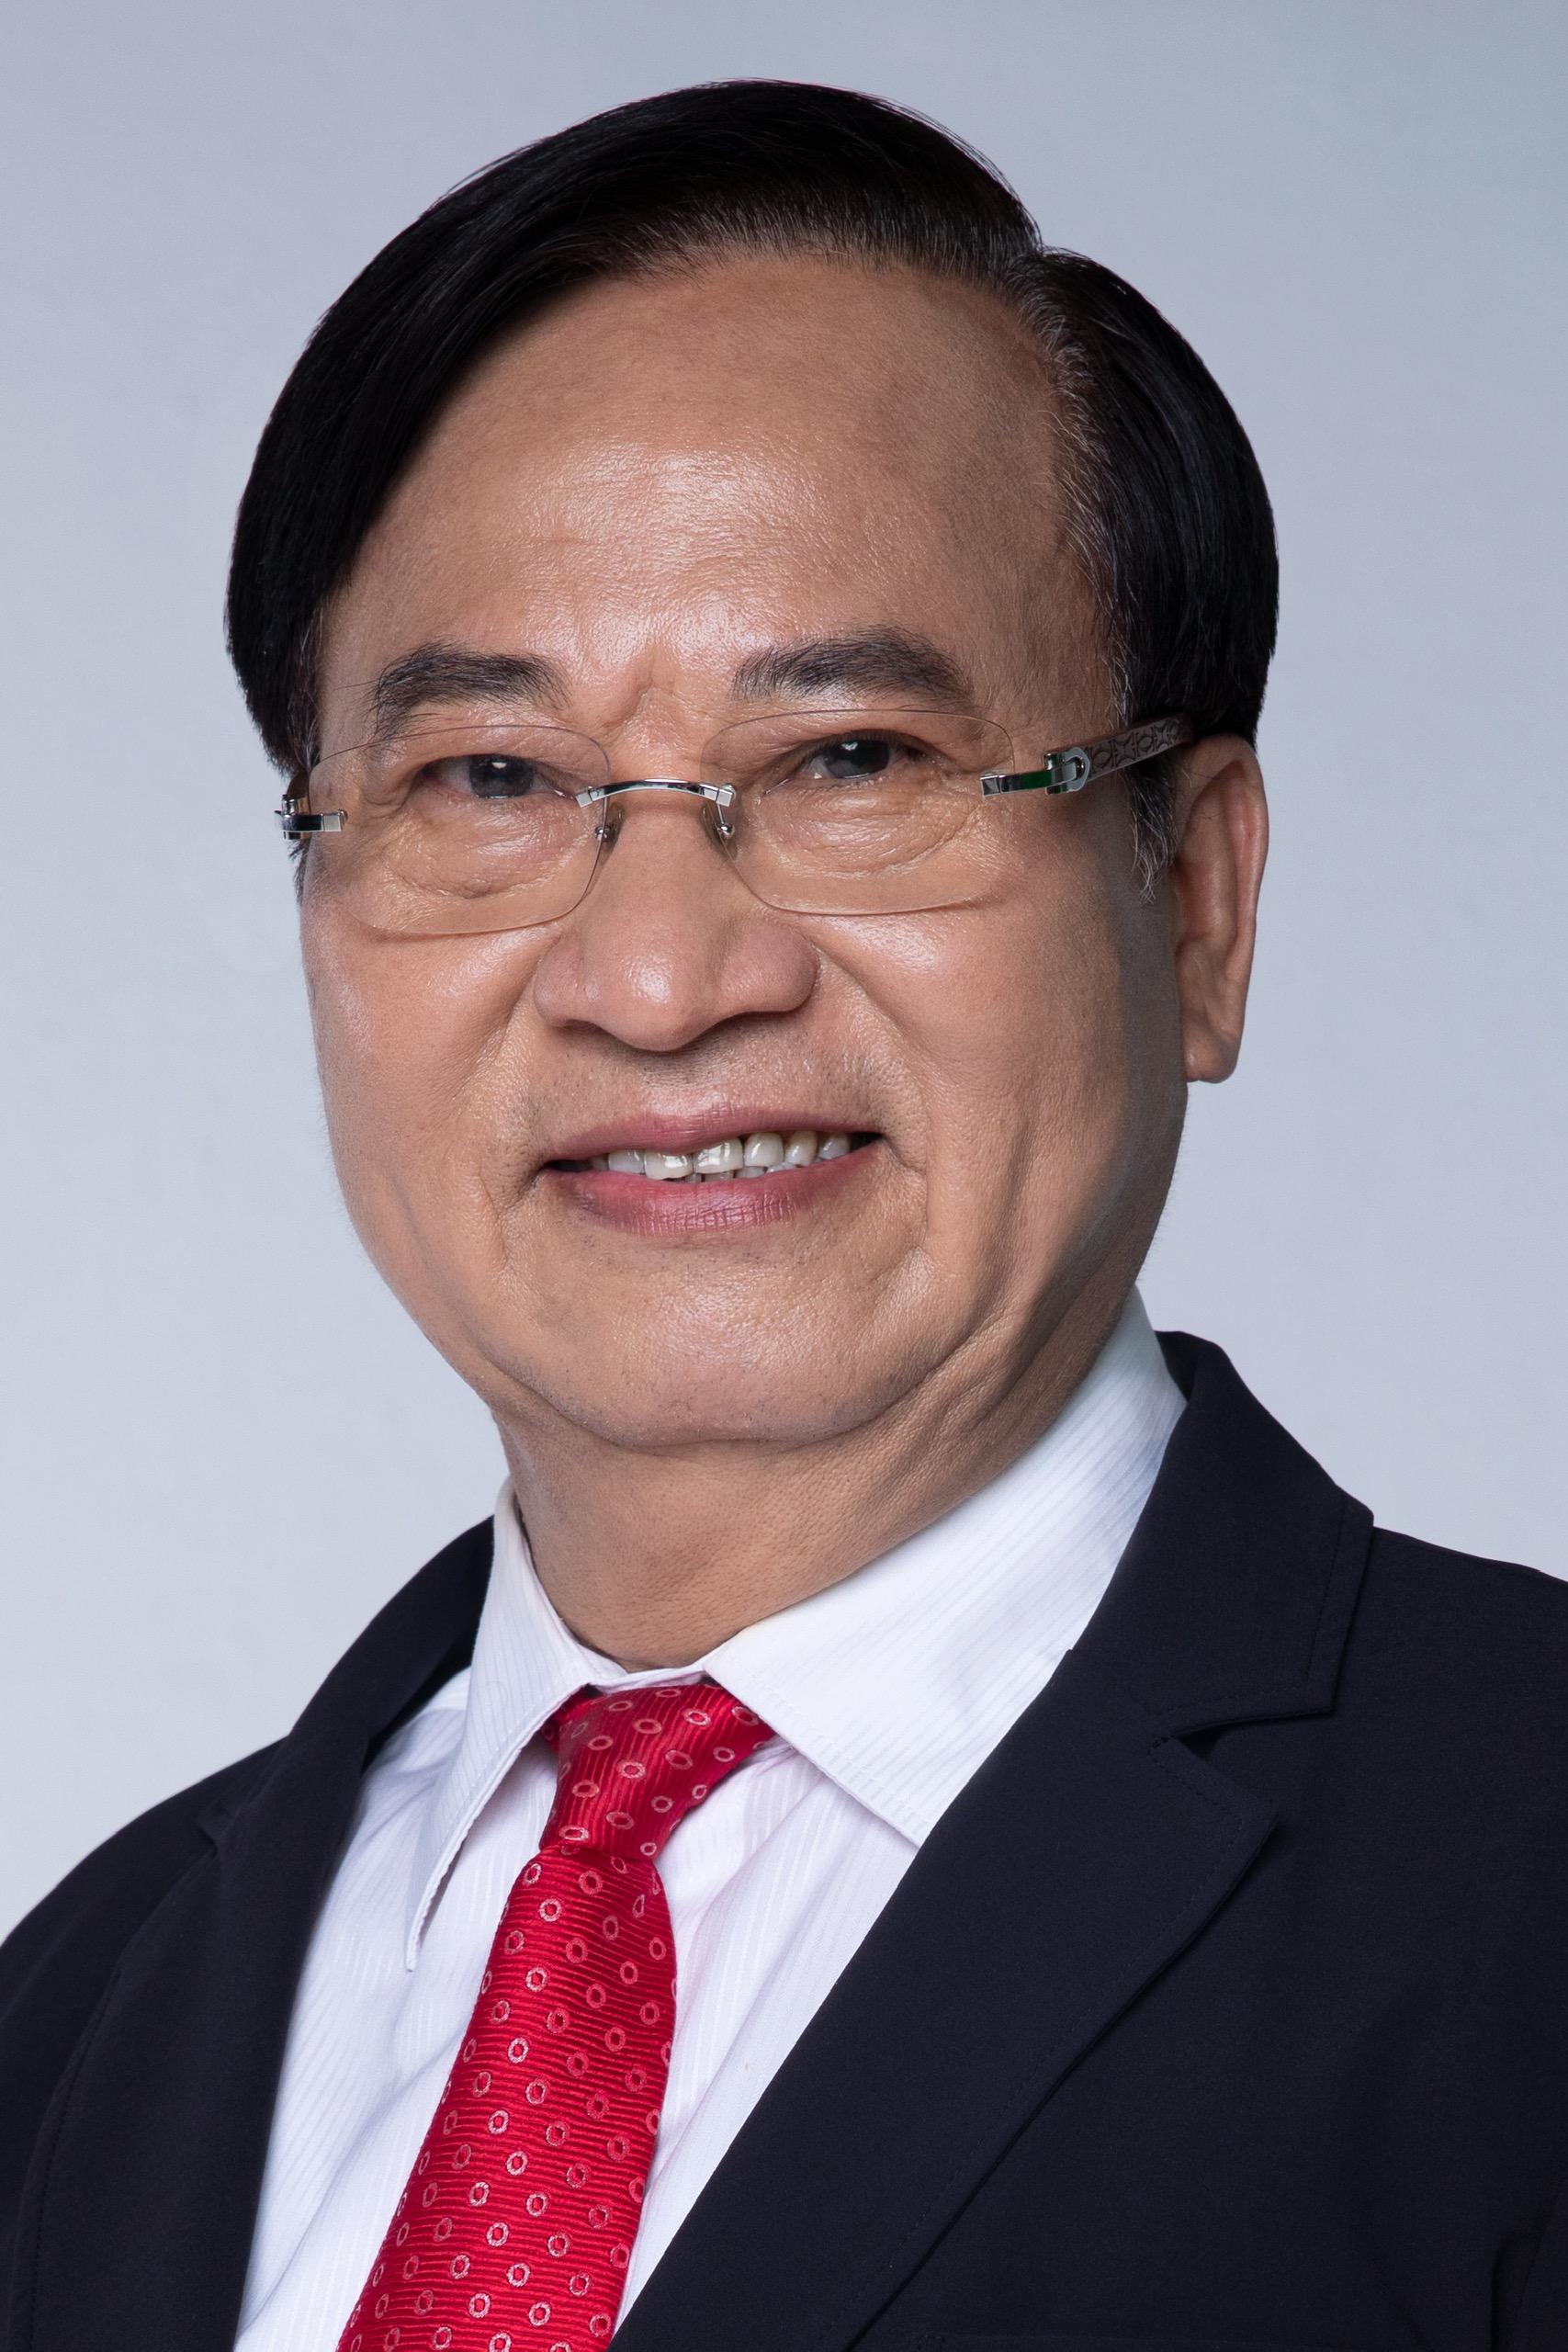 Ông Vũ Đức Giang - chủ tịch Hiệp hội Dệt may Việt Nam (VITAS).